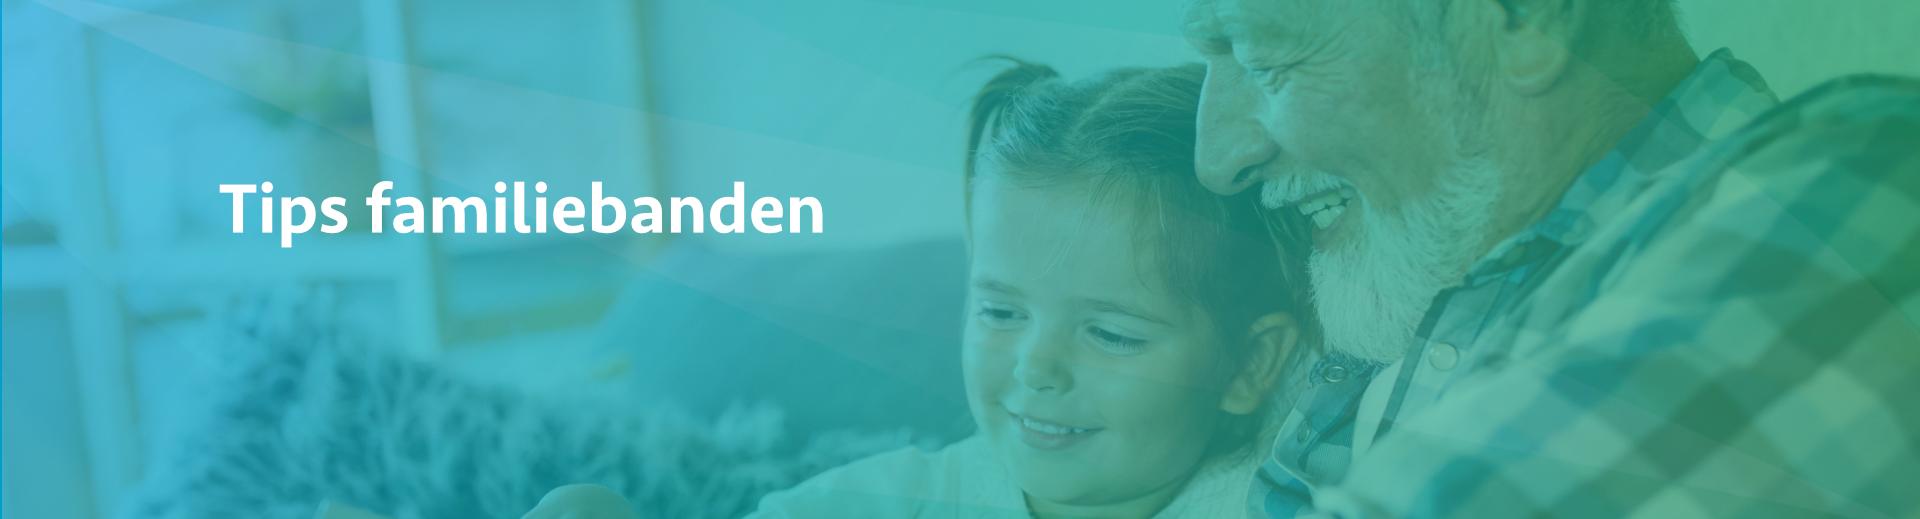 Tips behoud familiebanden - Scheidingsplanner Hilversum - Bilthoven - Soest - Het Gooi